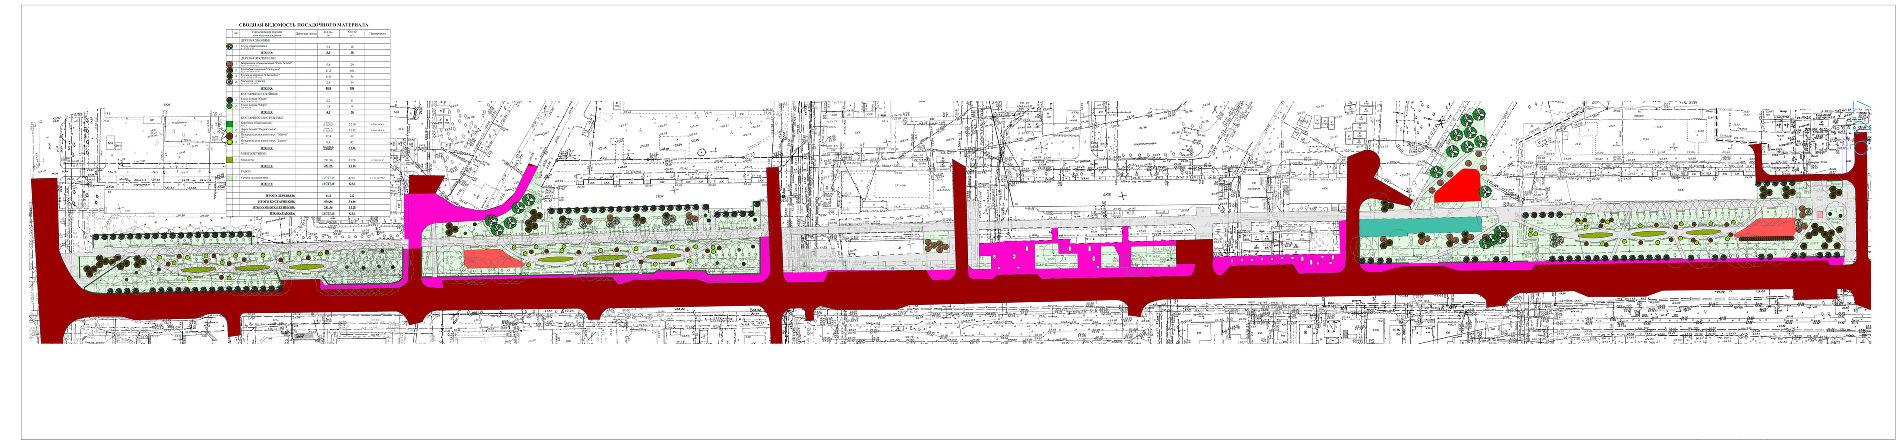 Гагаринский бульвар ©Схема пресс-службы администрации Краснодара